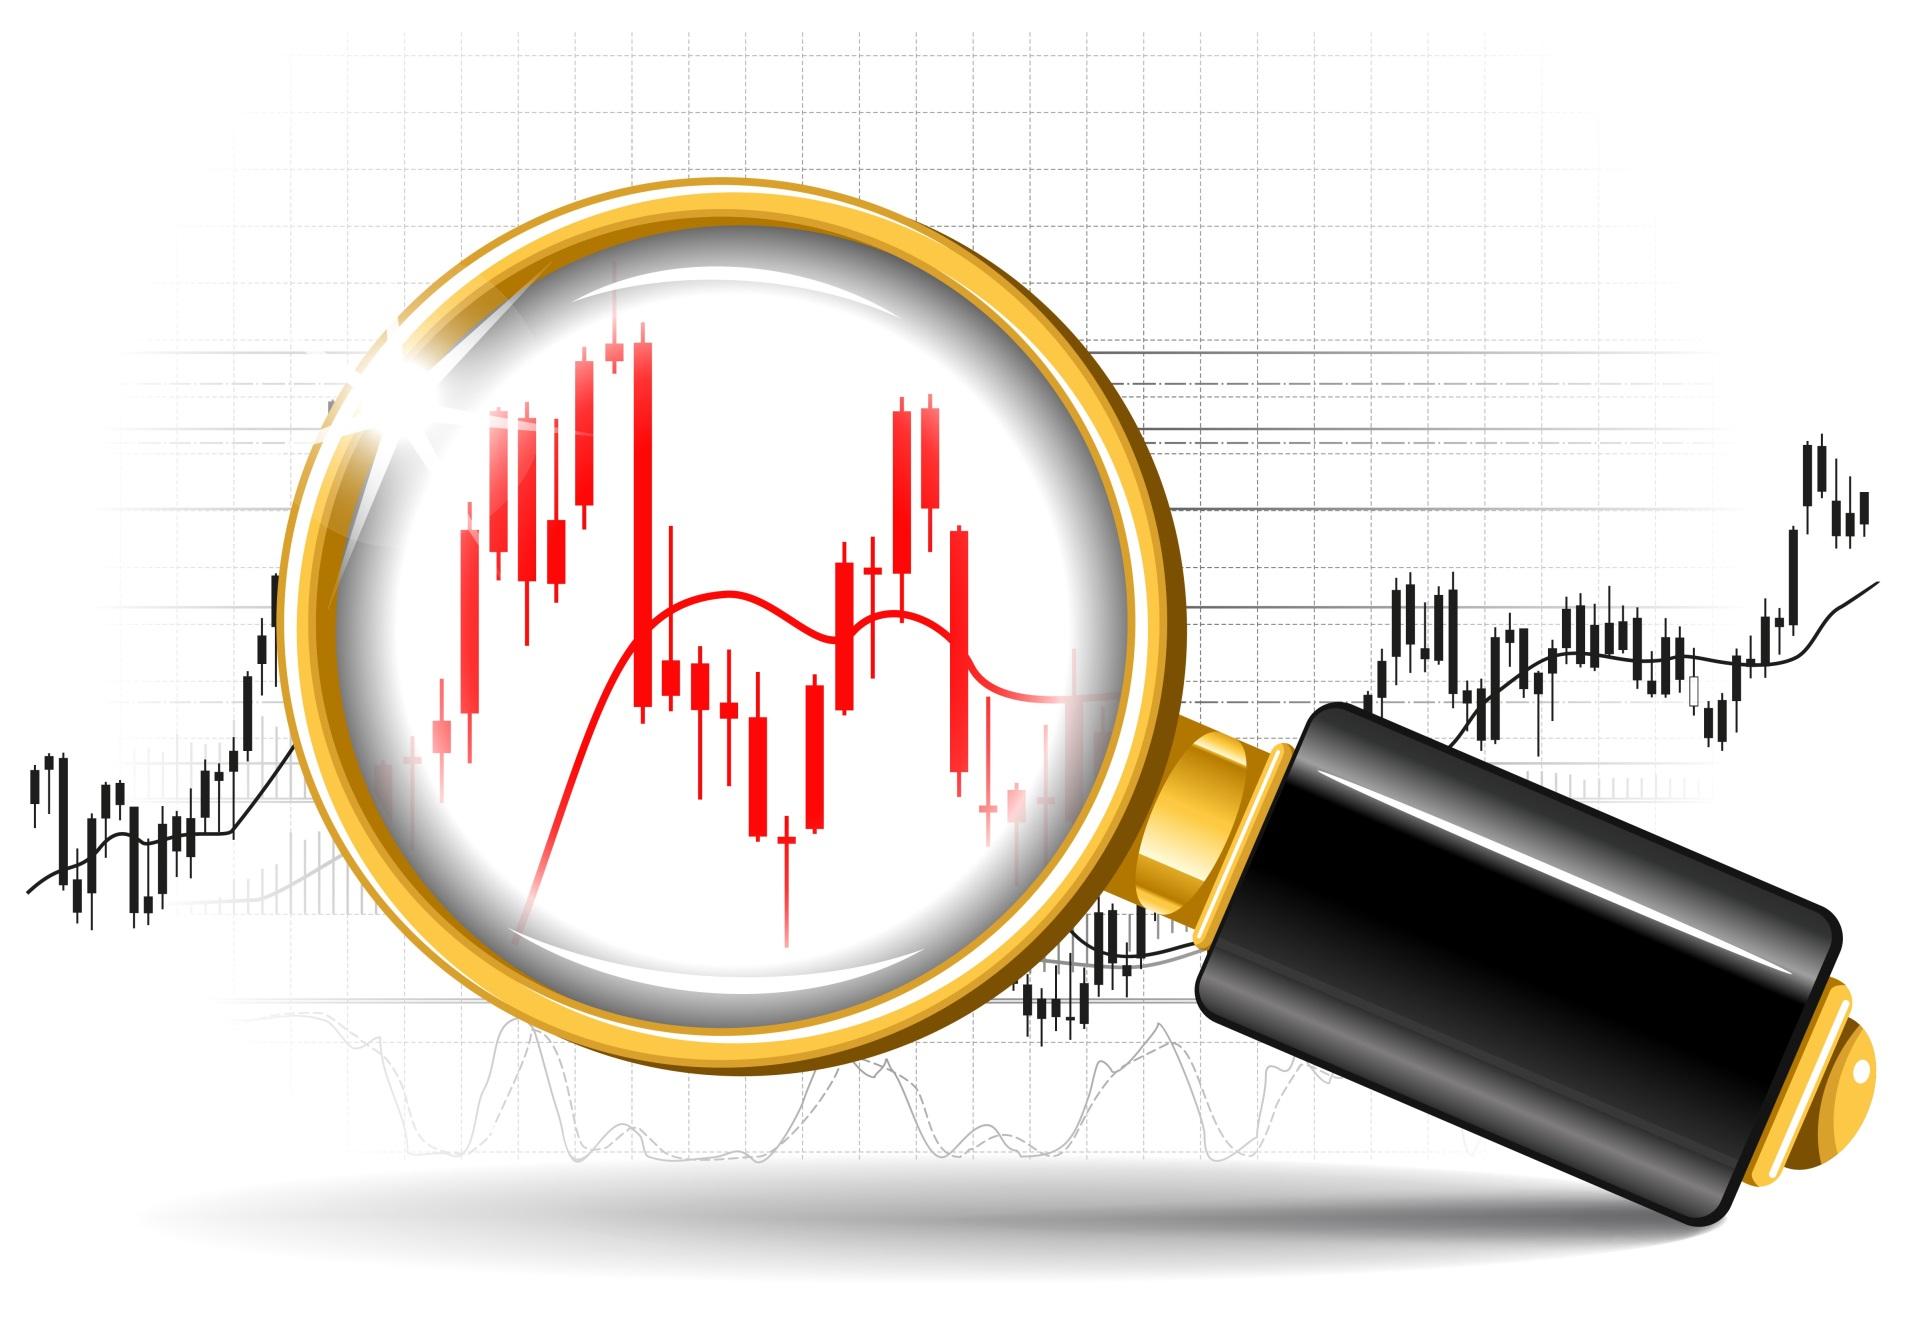 Dans cet article je vais vous apprendre comment utiliser les bandes de Bollinger, aussi connues sous le nom de courbes de Bollinger, ou, plus simplement, les dyspepsia.ga moi c'est l'indicateur d'analyse technique le plus utile. Il est incontournable quand on veut apprendre le trading.C'est incroyable ce que l'on peut avoir comme informations avec .